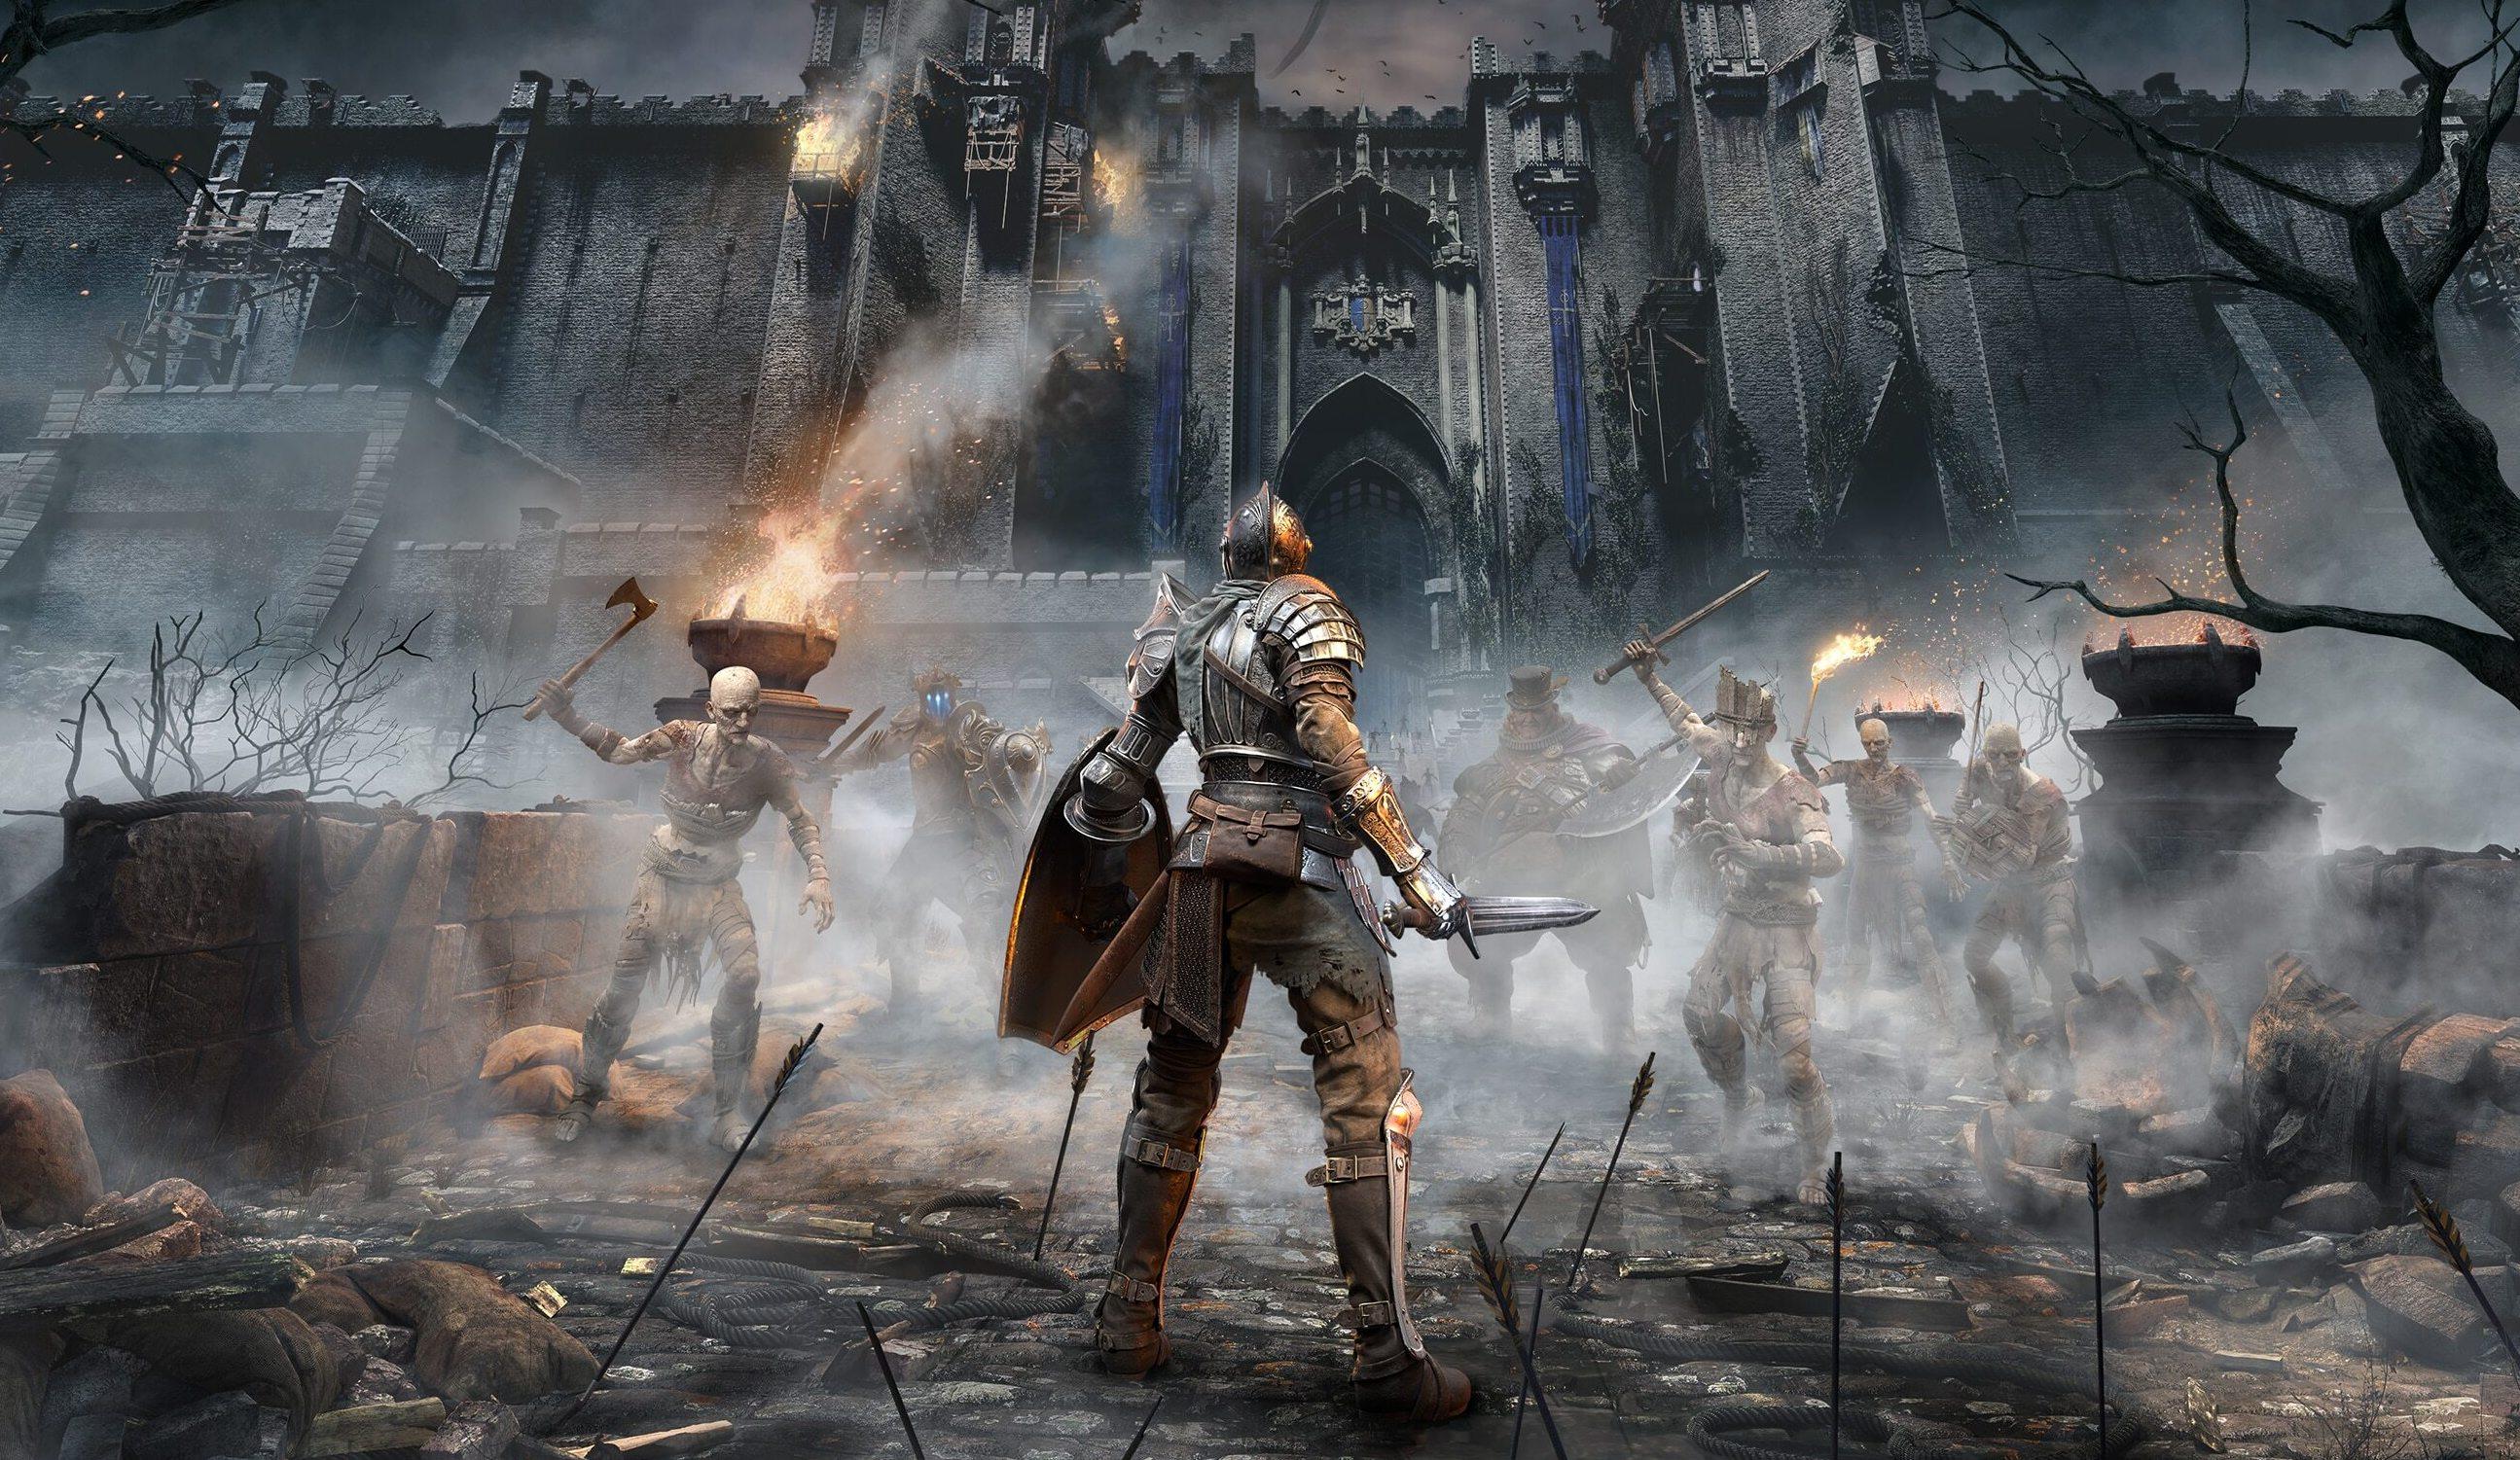 Кажется, ремейк Demon's Souls выйдет на PlayStation 4